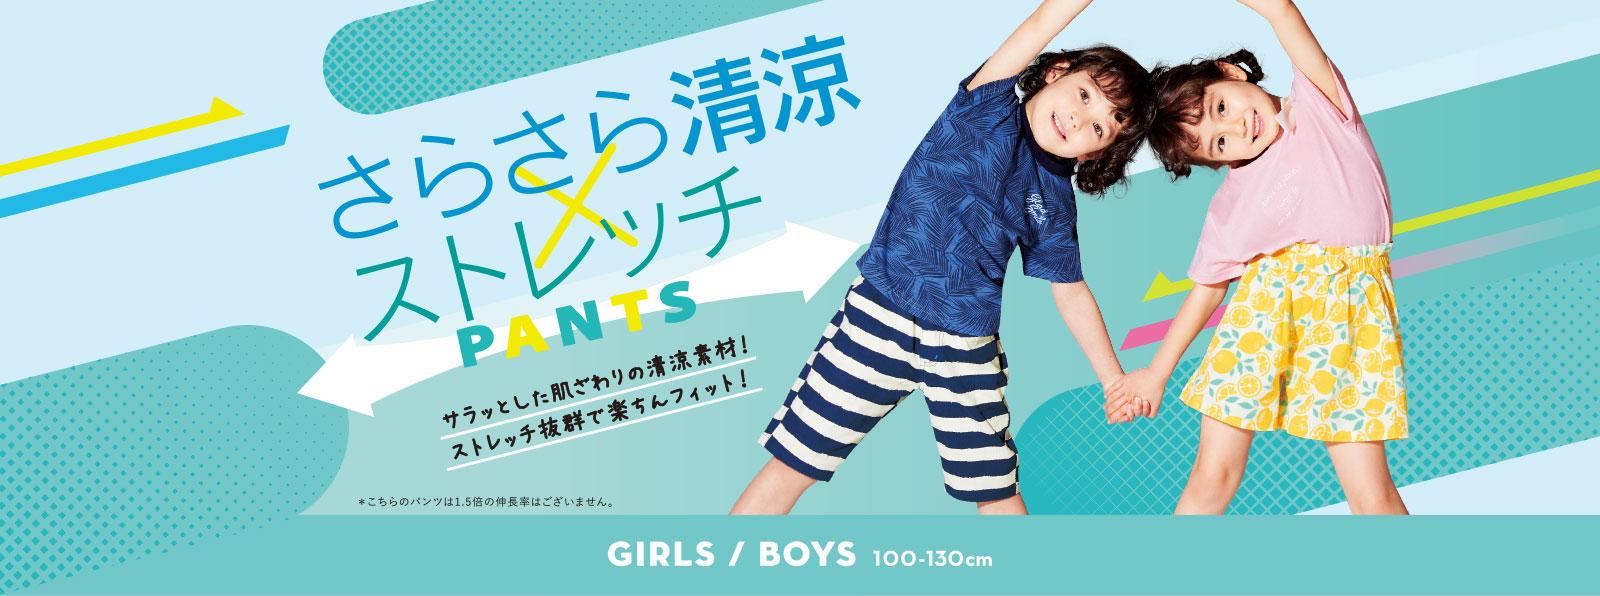 さらさら清涼ストレッチPANTSサラッとした肌ざわりの清涼素材!ストレッチ抜群で楽ちんフィット!GIRLS/BOYS 100-130cm